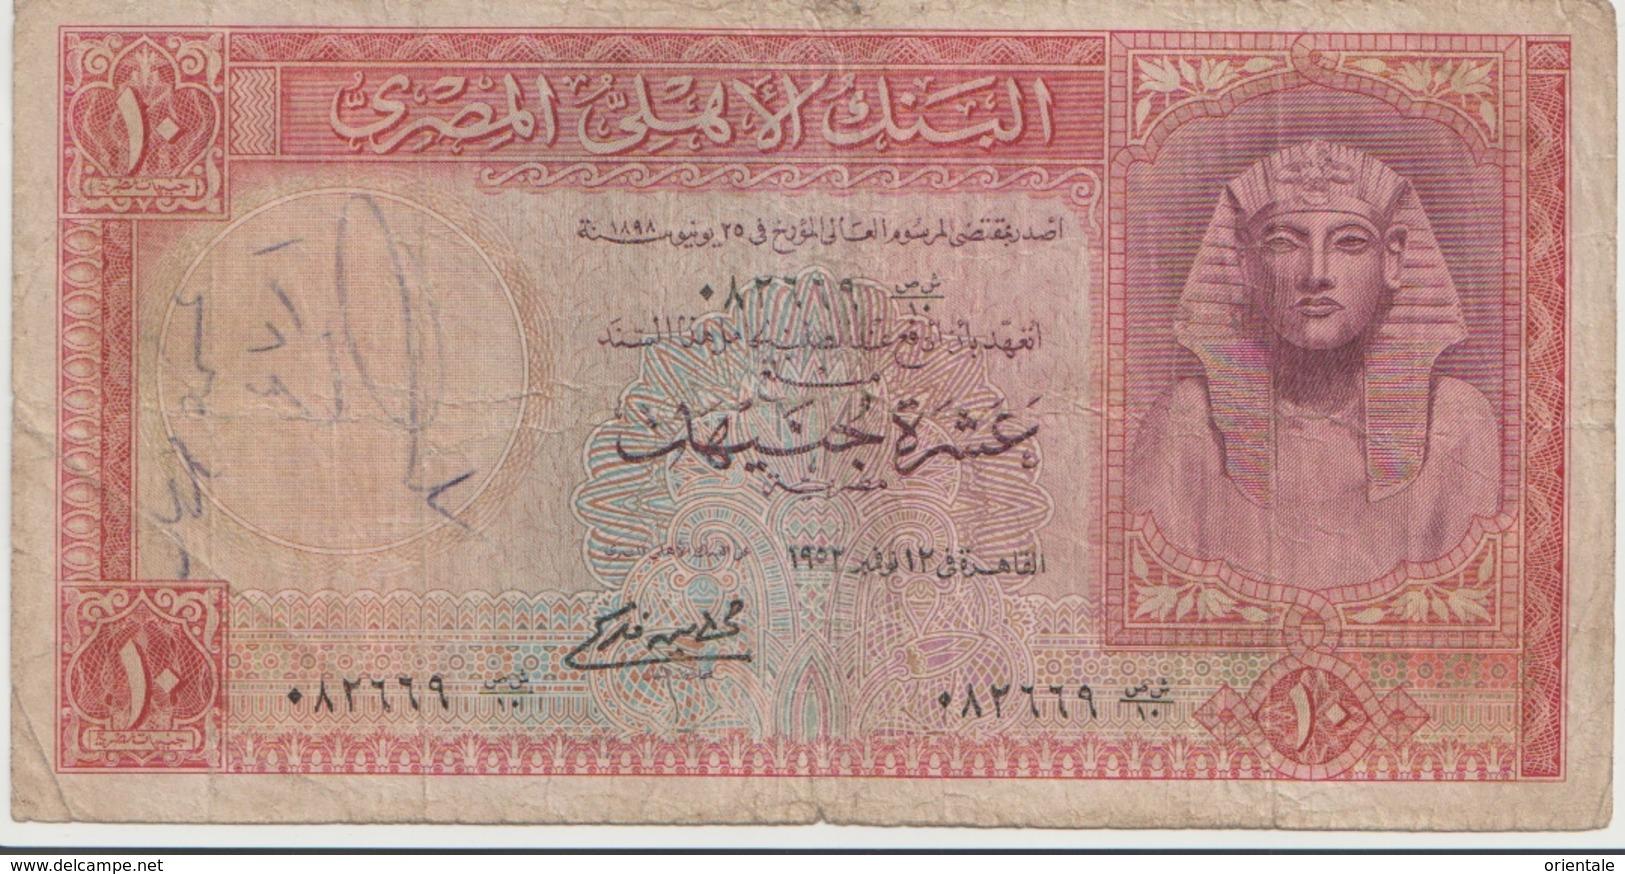 EGYPT  P. 32 10 P 1952 G - Egypt